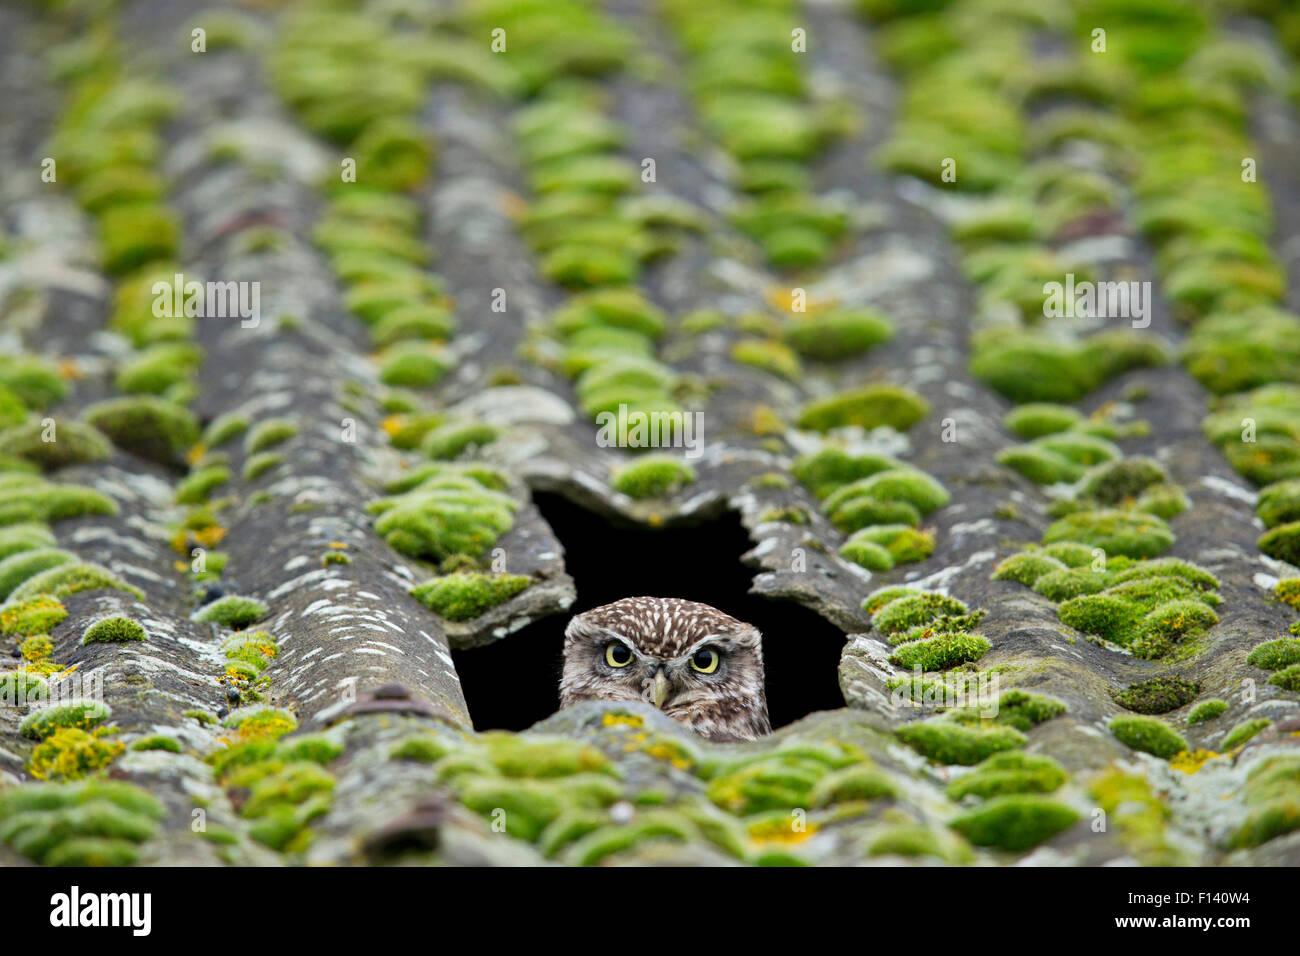 Pequeño Búho (Athene noctua) asomándose fuera del nido en el techo del granero, Reino Unido, diciembre. Imagen De Stock